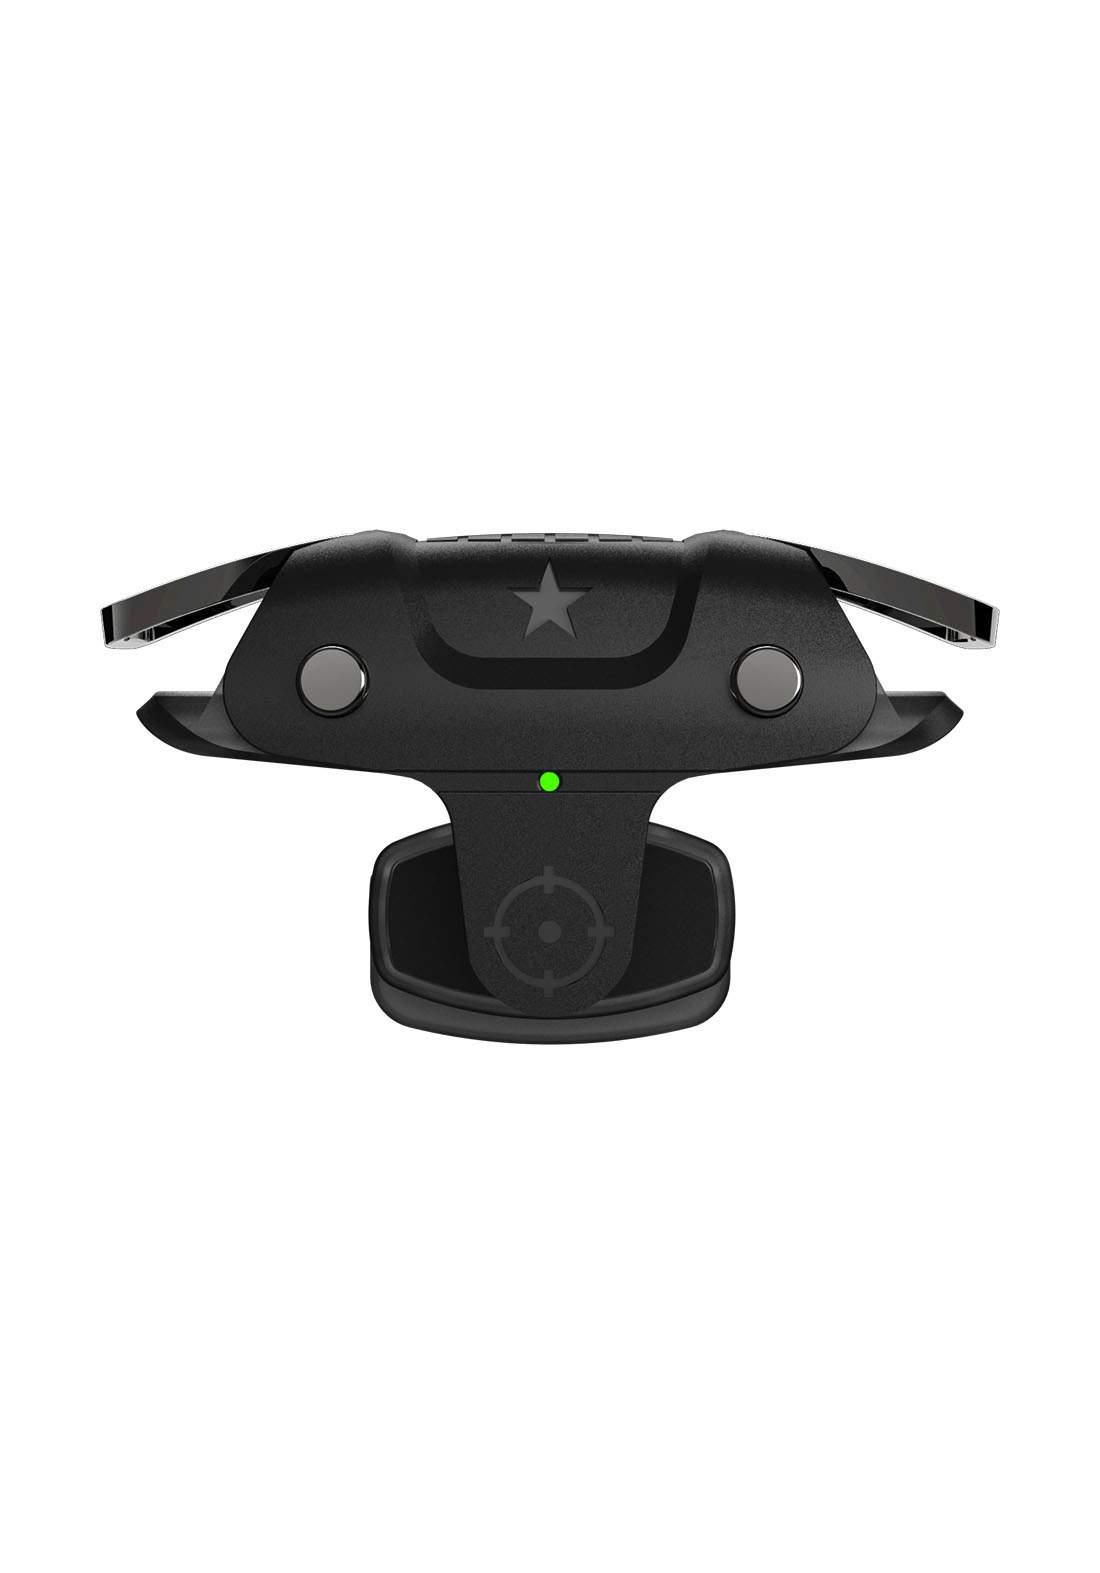 GameSir F5 Mini Mobile Gaming Controller - Black وحدة تحكم